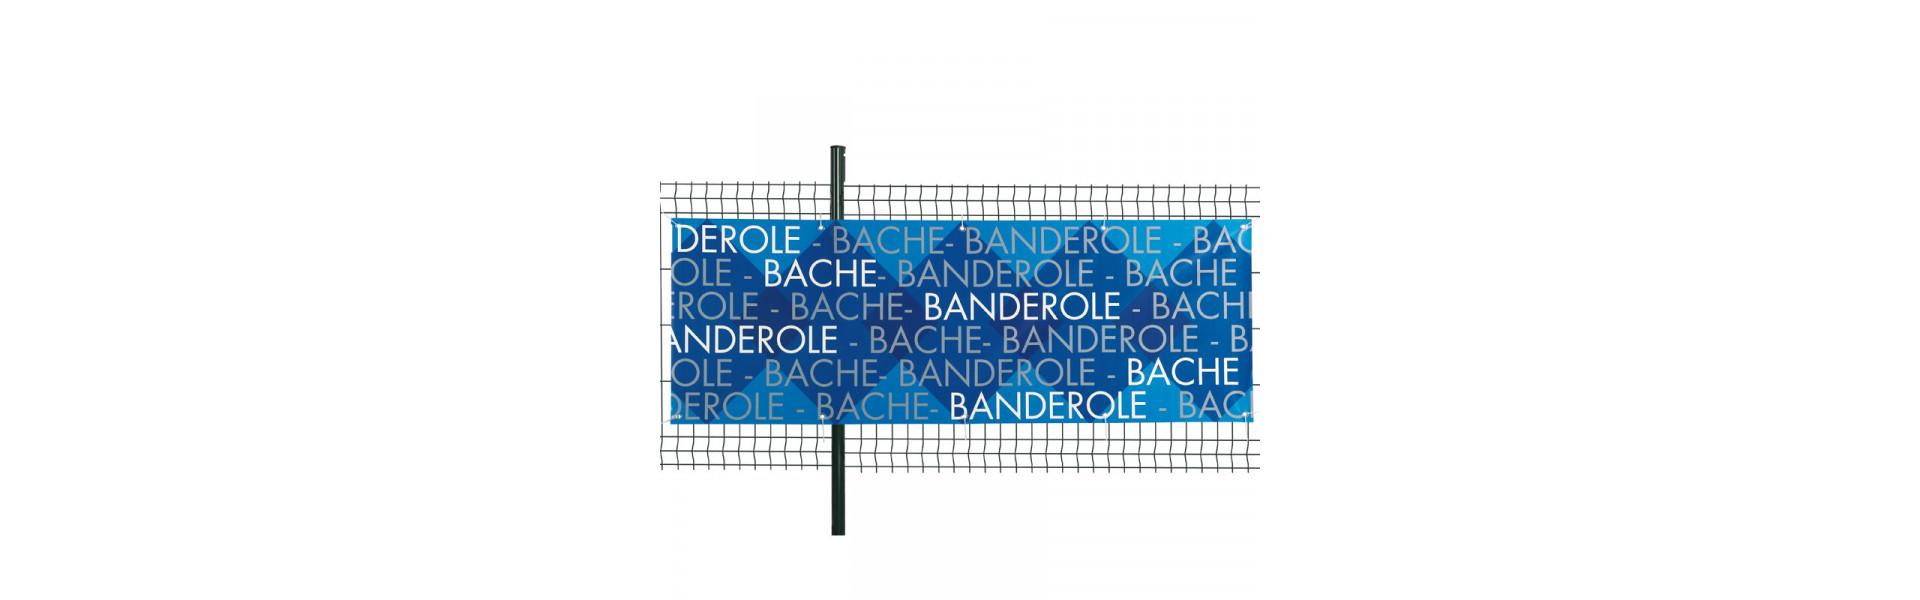 Banderole - Bâche publicitaire